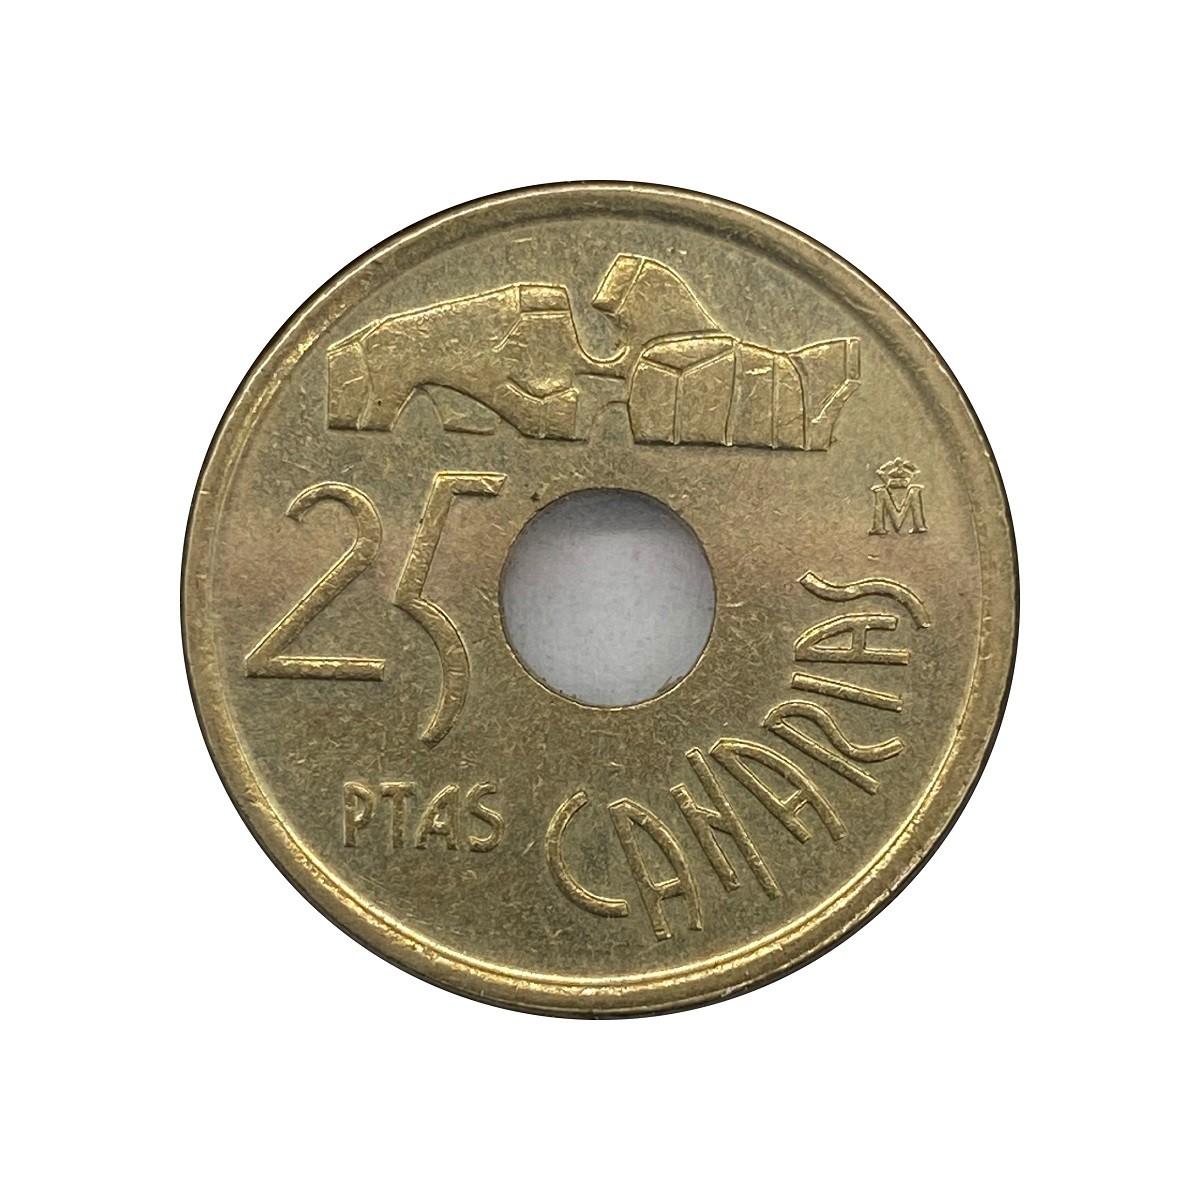 Moeda Espanha Ilhas Canárias 5 pesetas 1994 MBC